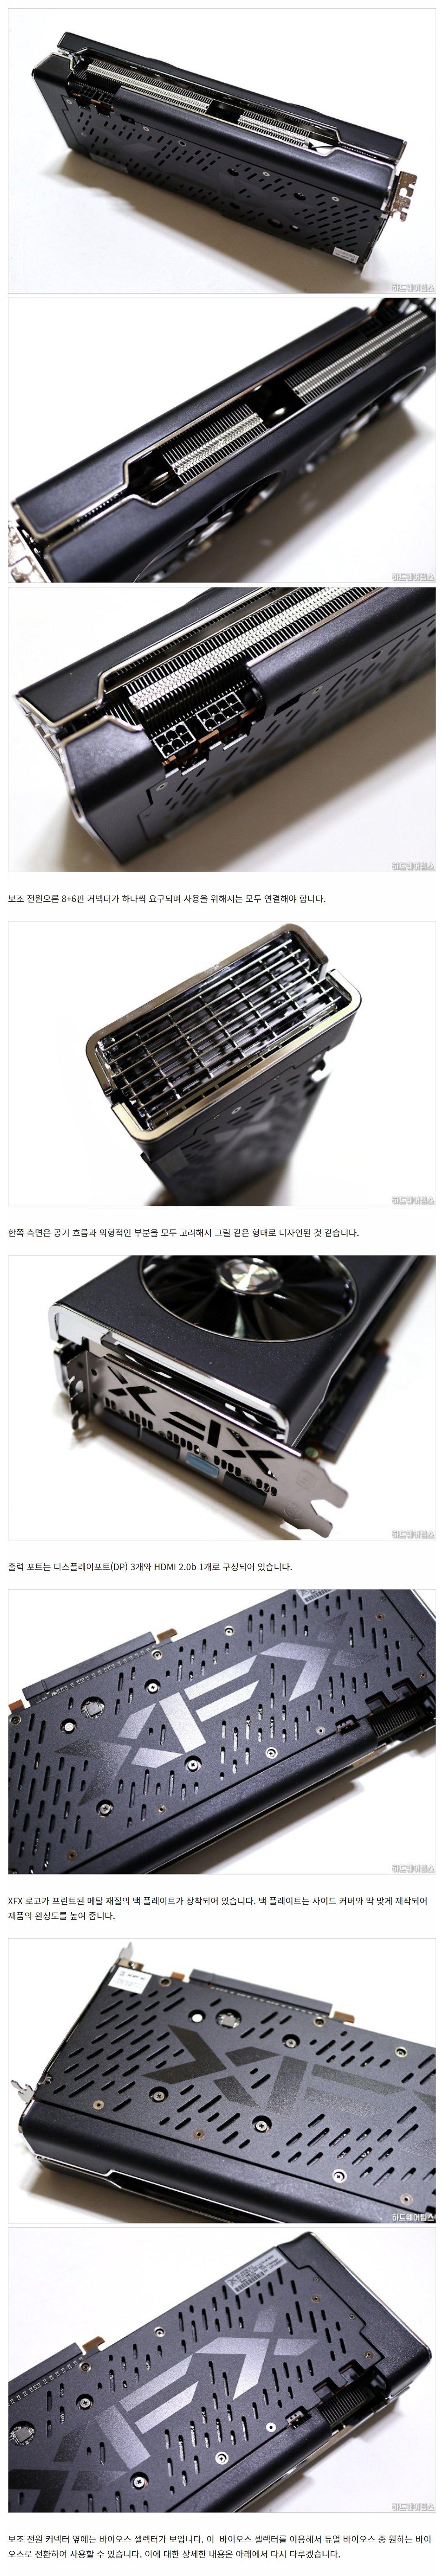 XFX 라데온 RX 5700 XT THICC II ULTRA D6 8GB - 005.jpg